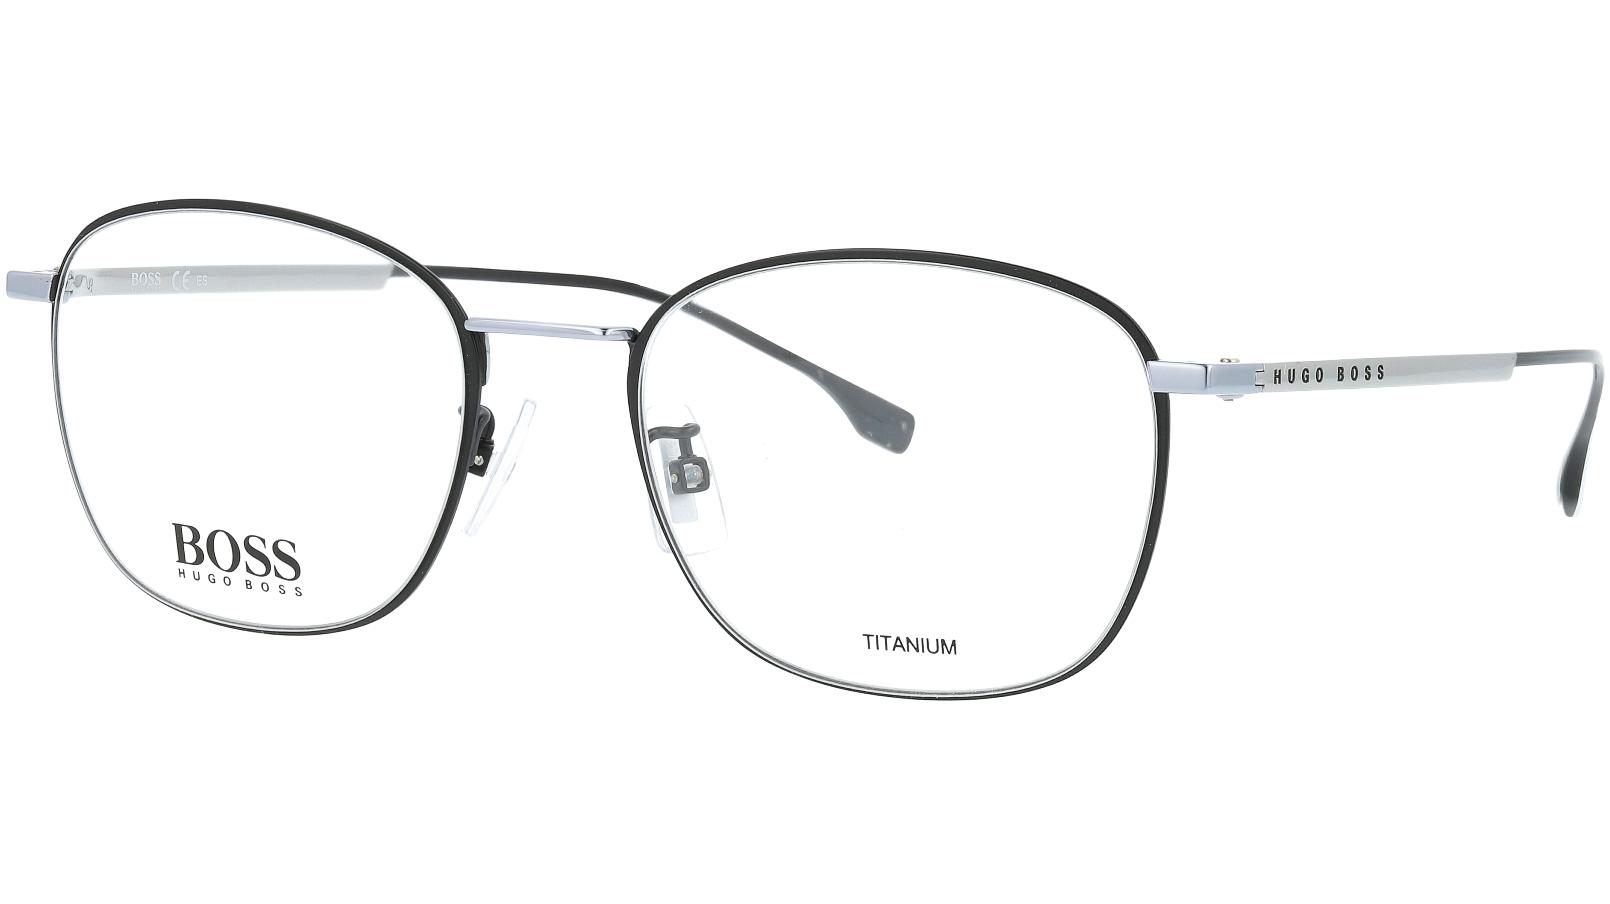 HUGO BOSS BOSS1067/F 124 53 MATT Glasses